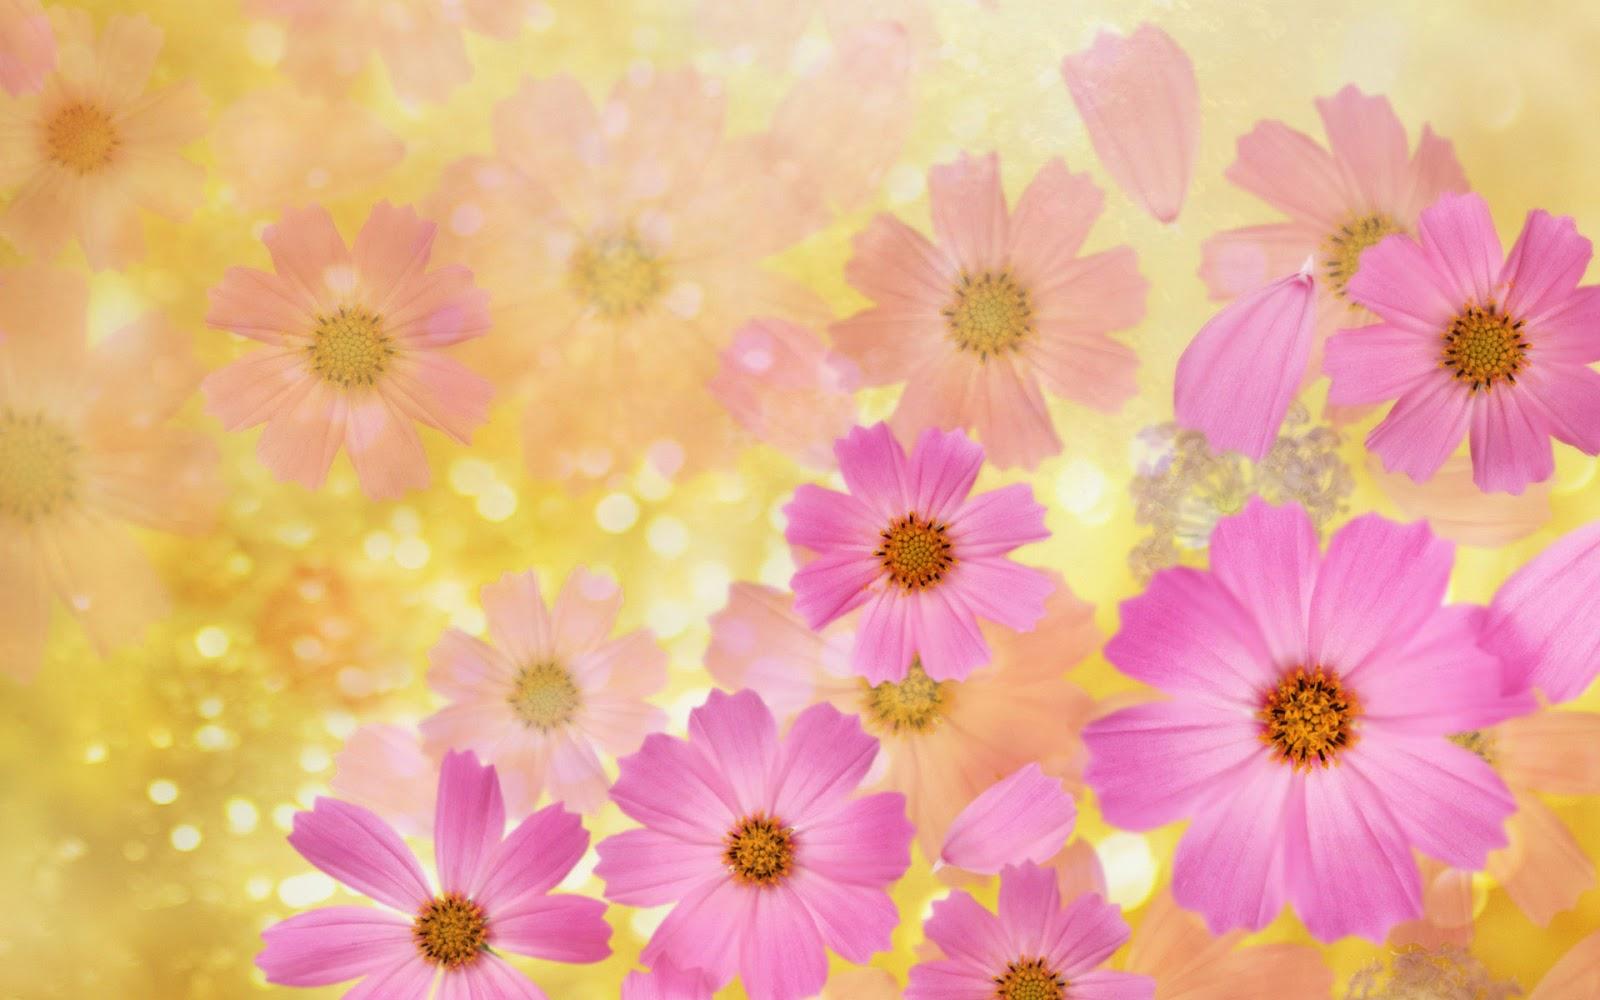 flores de primavera - Fotografias y fotos para imprimir